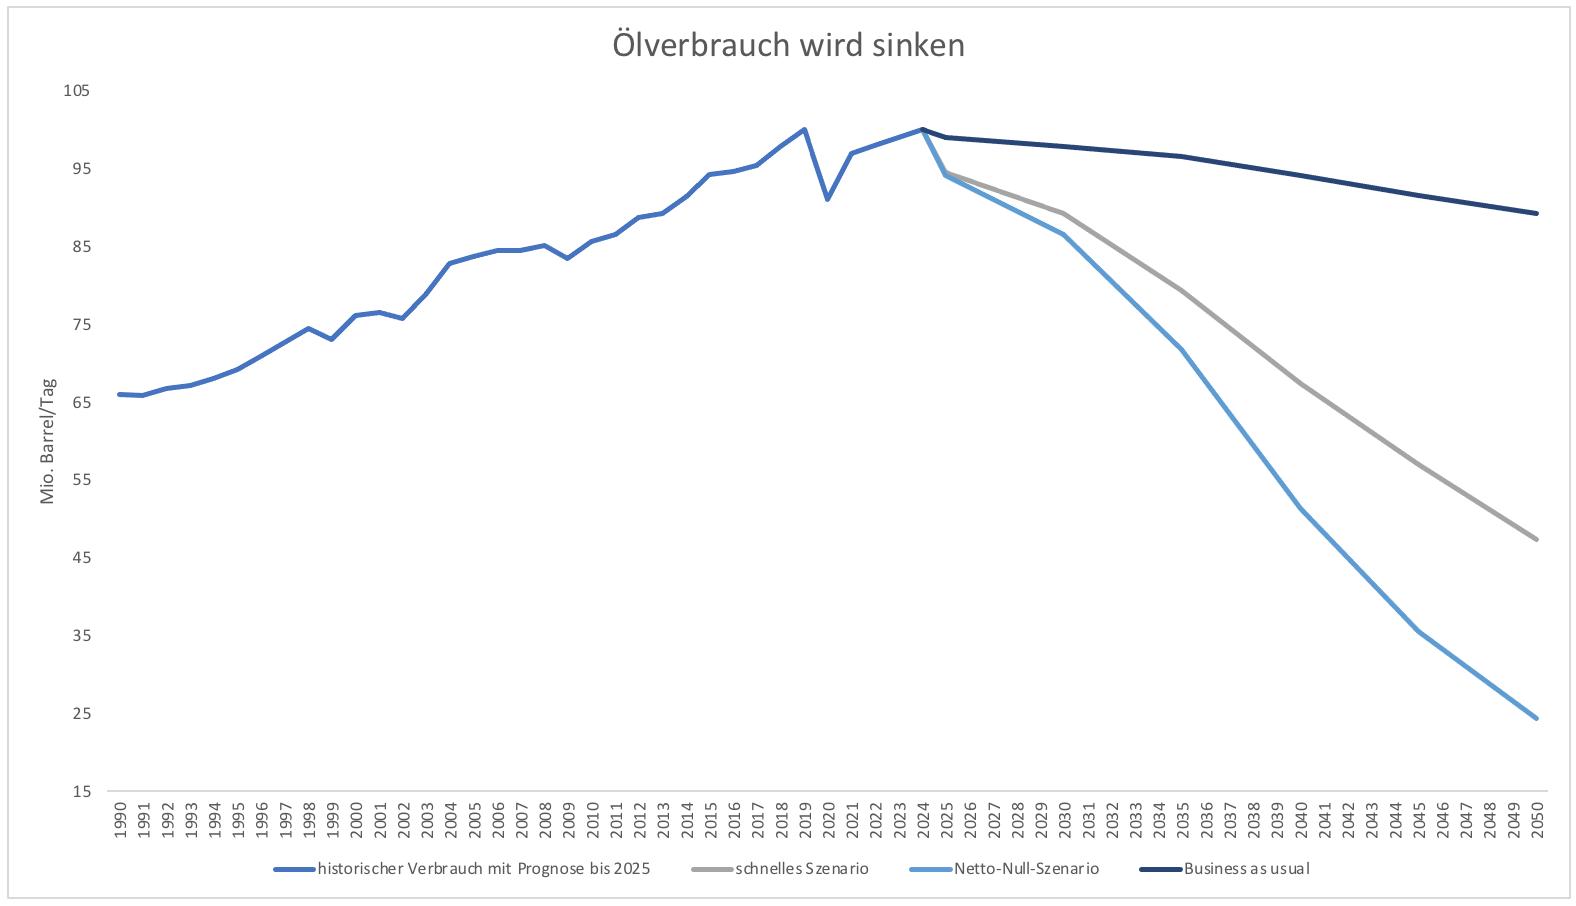 Öl-hat-eine-Zukunft-Kommentar-Clemens-Schmale-GodmodeTrader.de-3